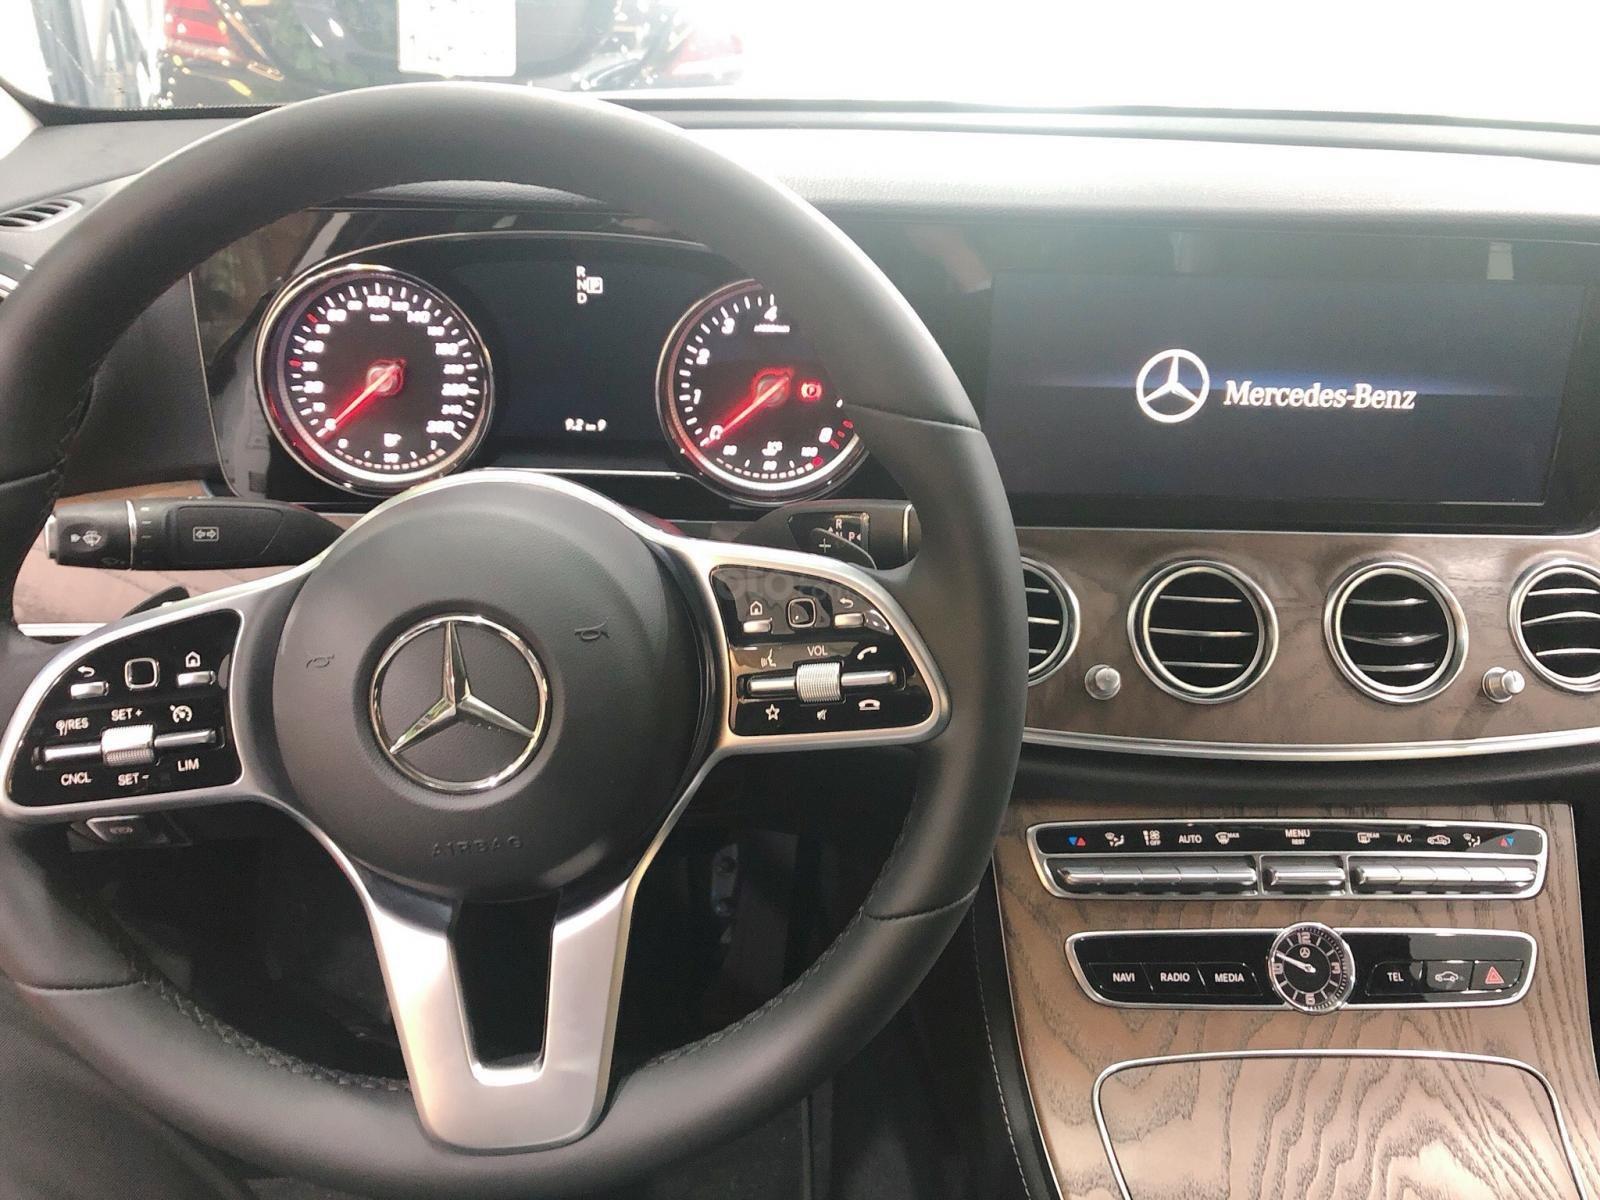 Mercedes E200 2019 đủ màu, giao ngay tại Mercedes Phú Mỹ Hưng (9)